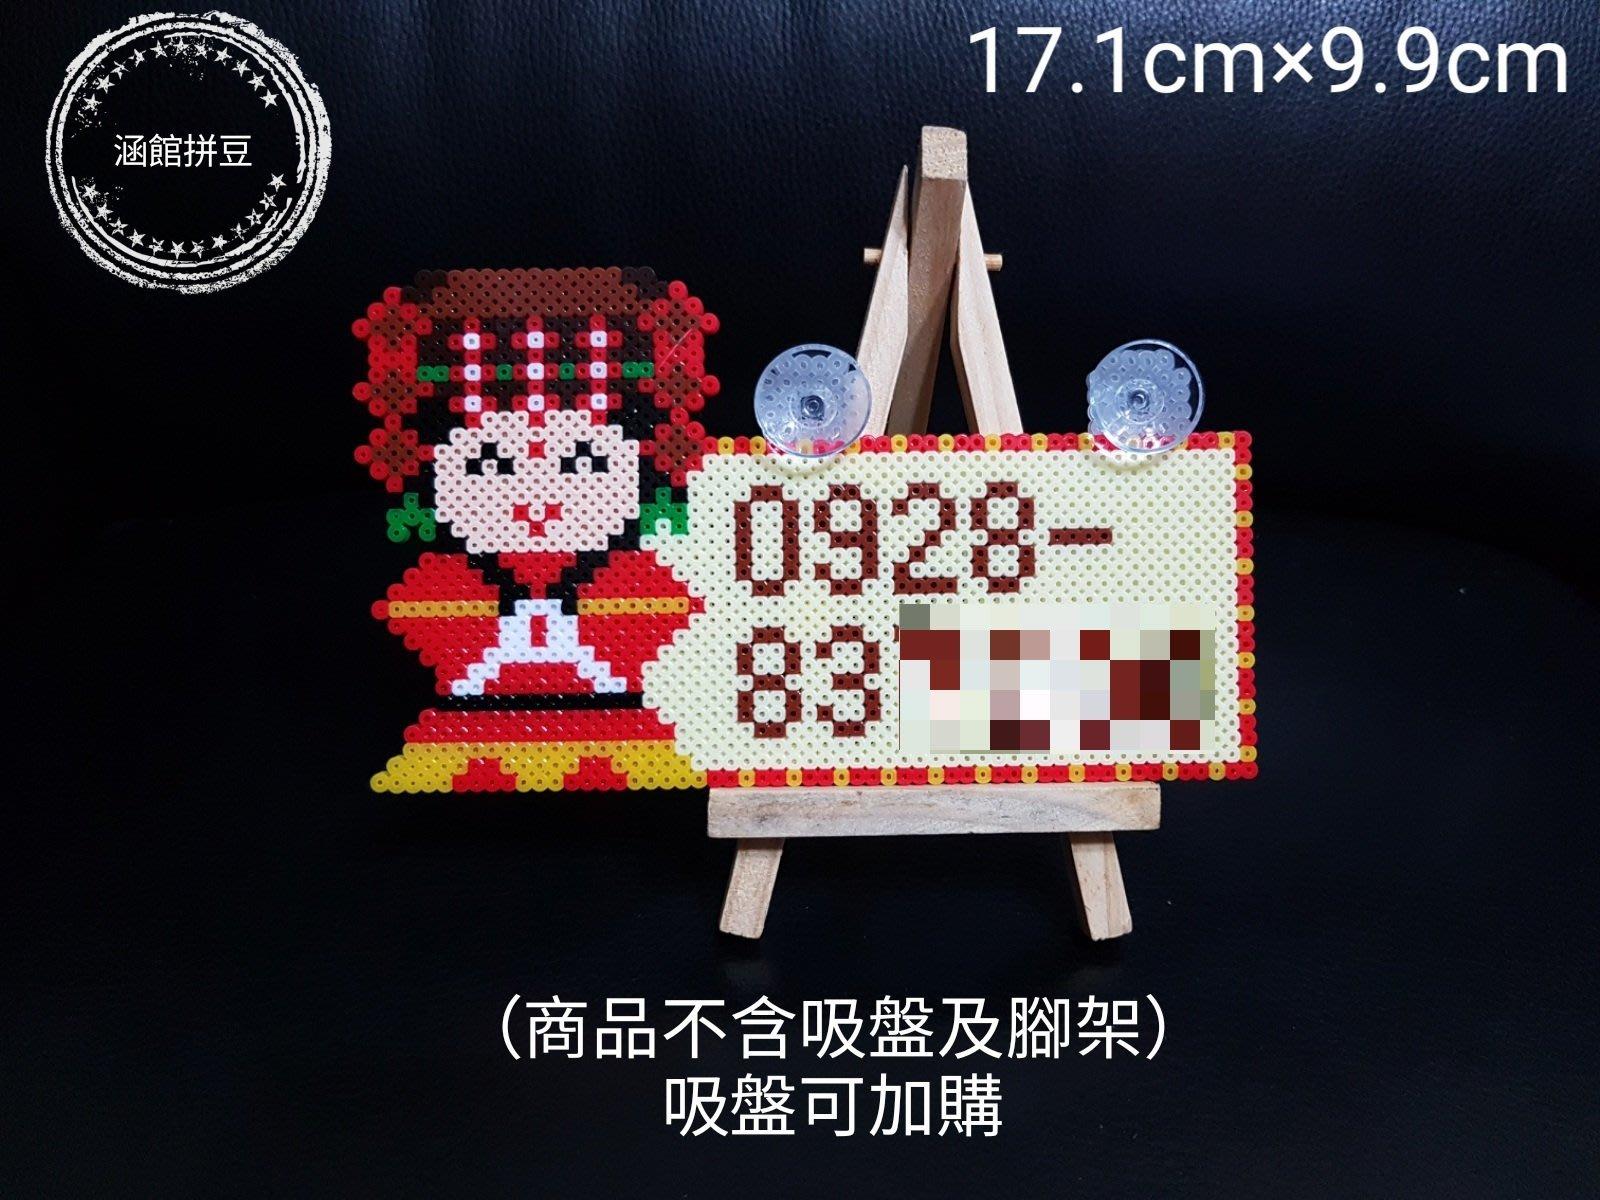 【涵館】手工拼豆(3mm)-神明來保祐『媽祖』造型 - 臨時停車、暫停一下-車用電話告示牌